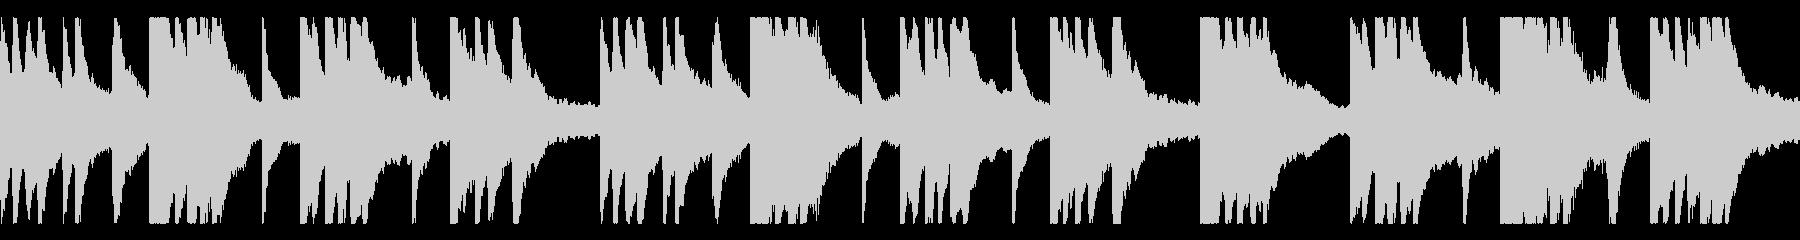 しっとりスローな癒しのピアノソロの未再生の波形